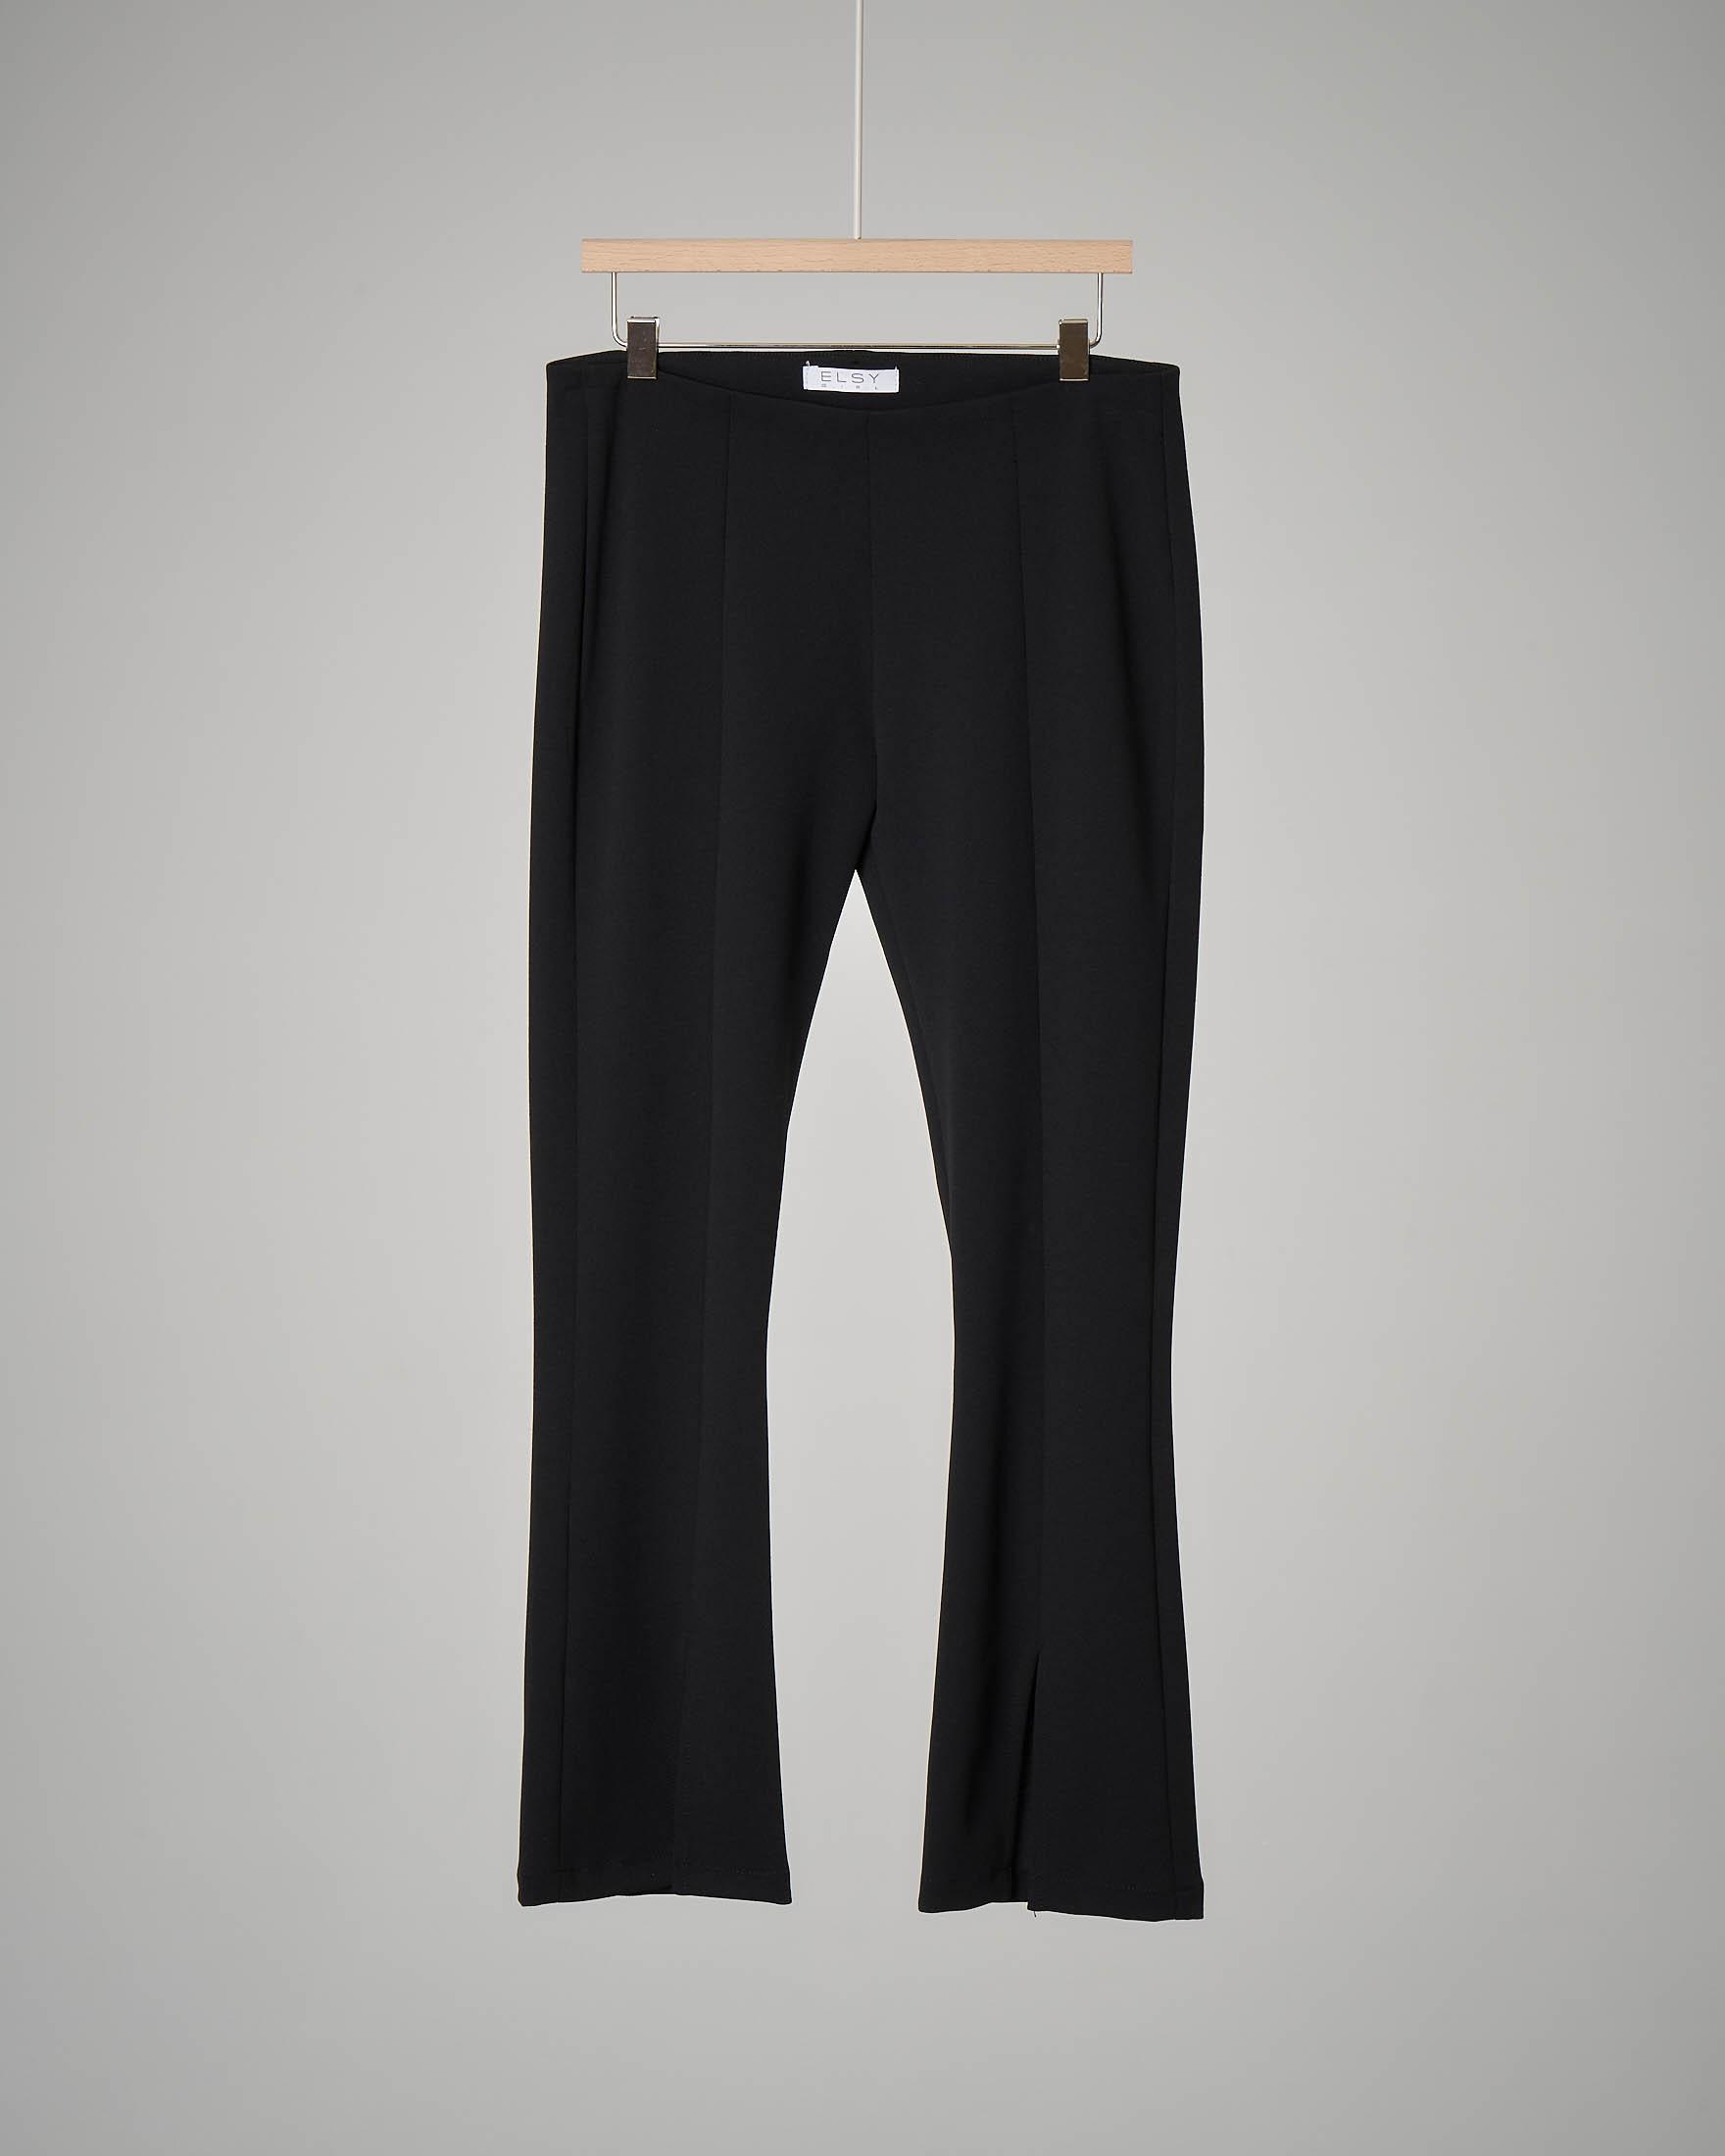 Pantalone nero flare con piercing 32-36